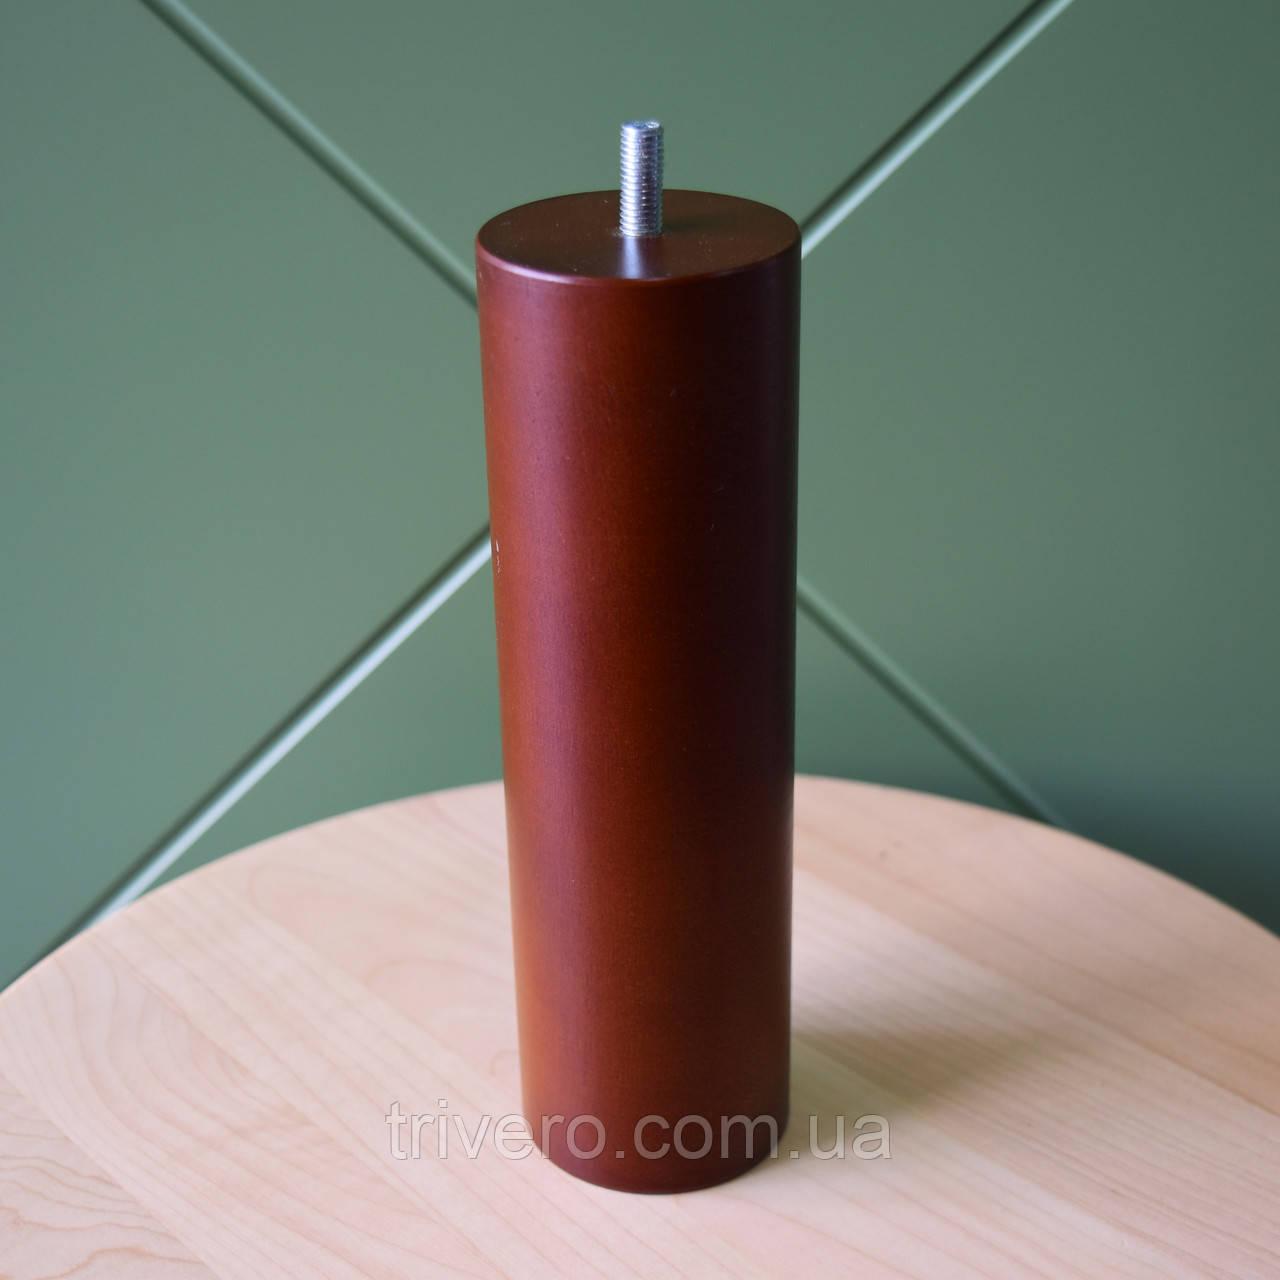 NM-07. Мебельные ножки и опоры деревянные  круглые H.200 D.60